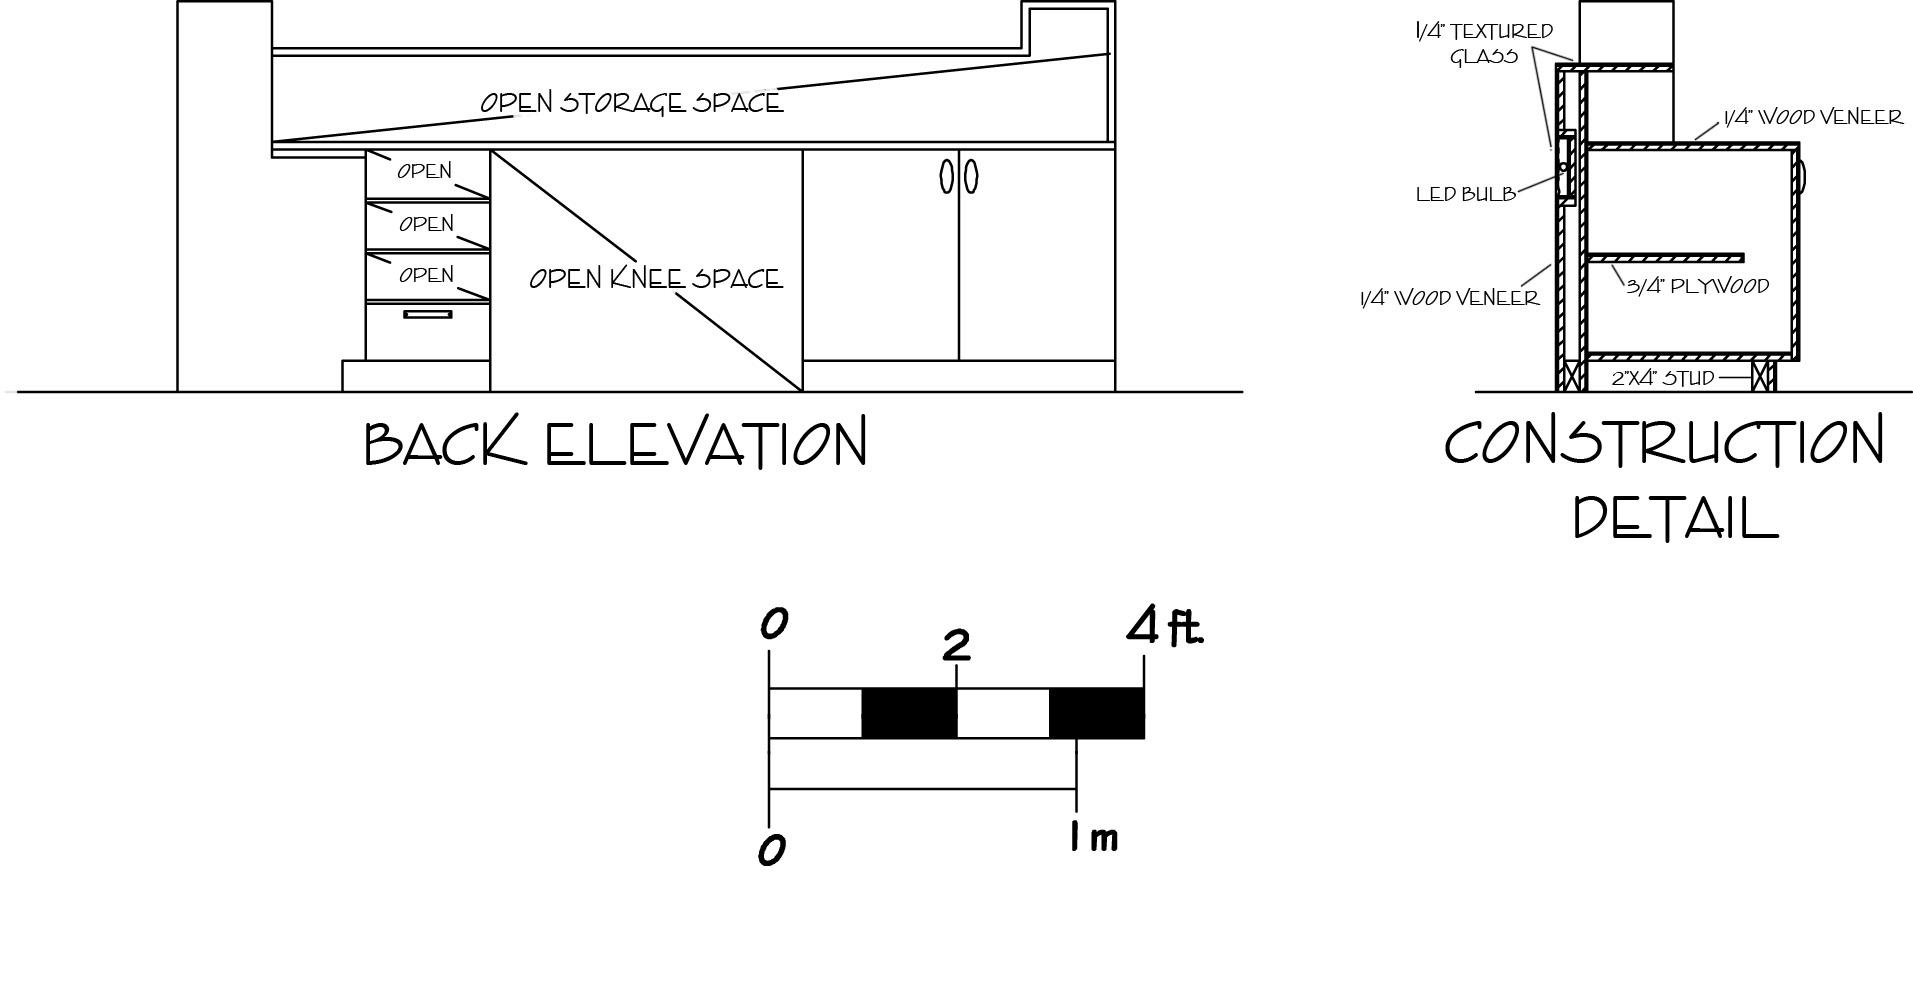 Build Plans Reception Desk Construction Details Wooden ...